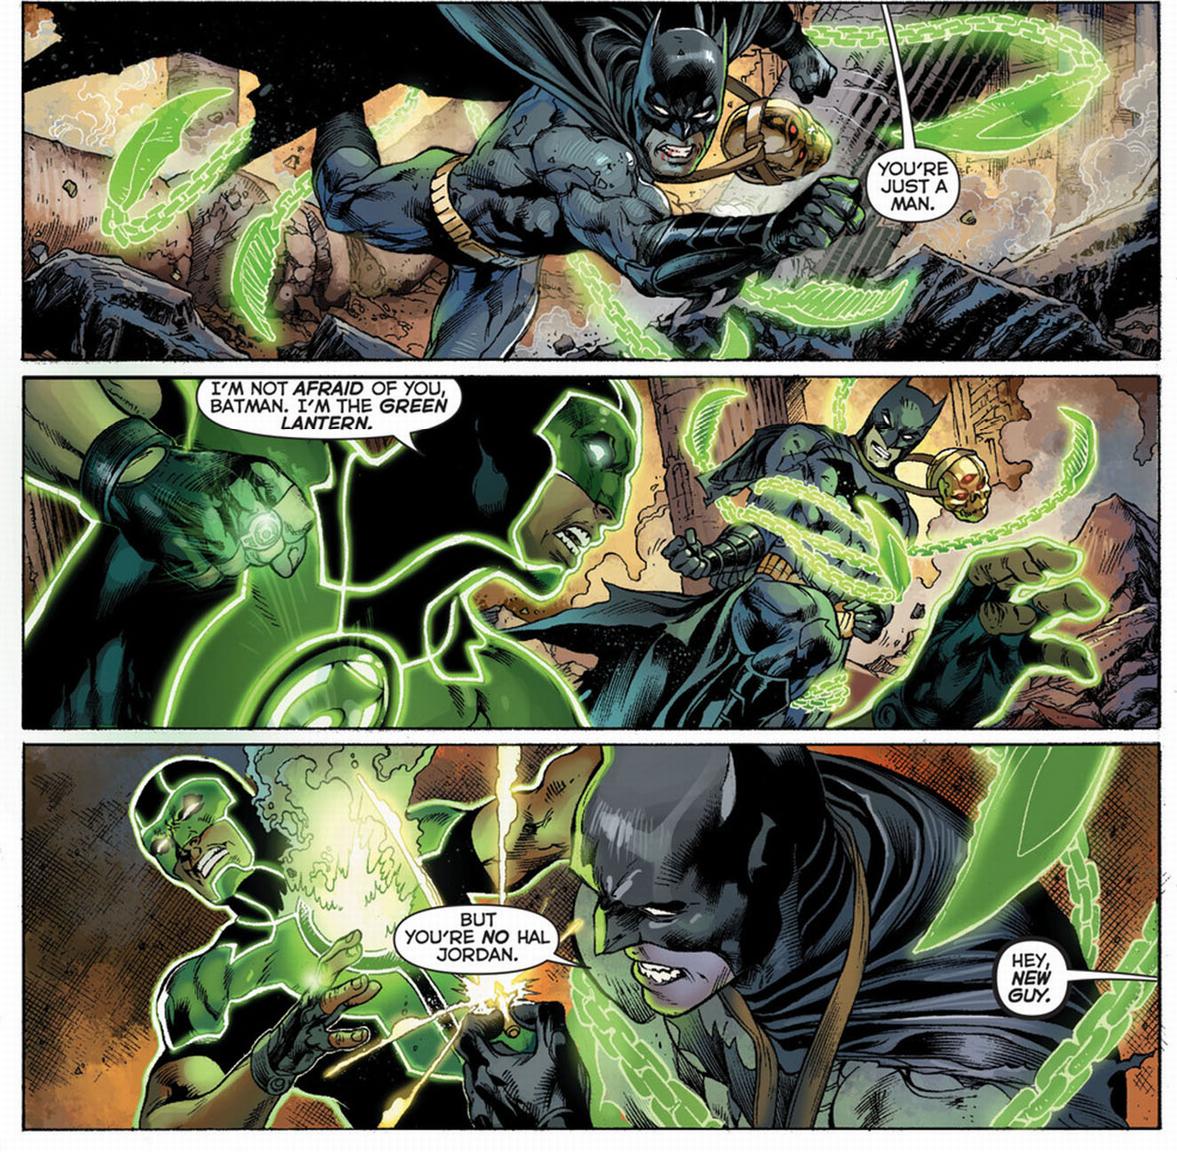 X 23 Gambit Batman VS Green Lanter...